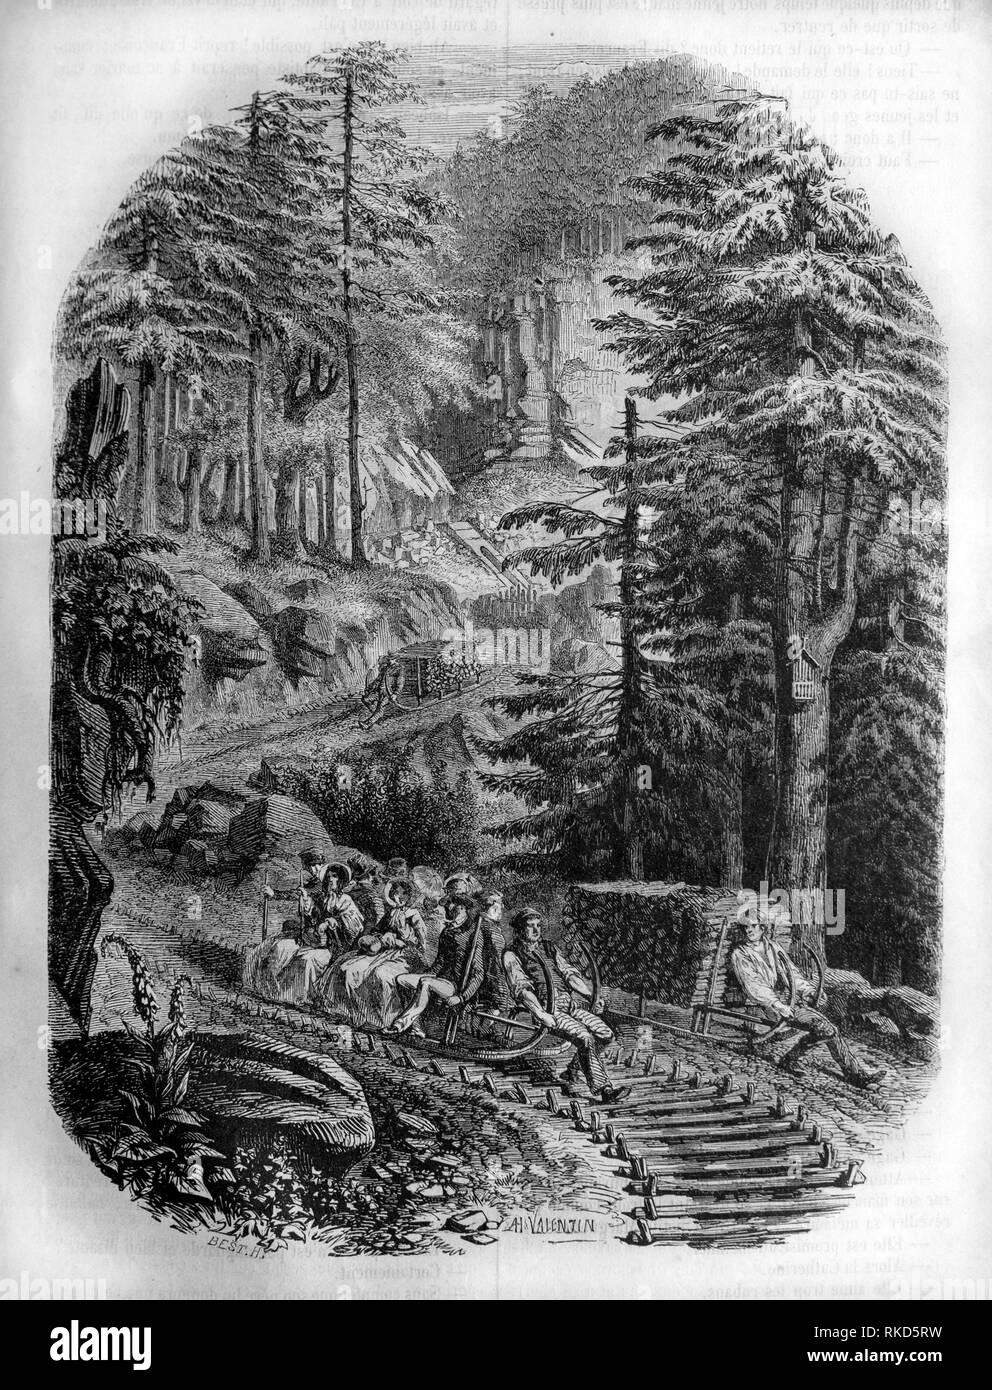 Schlitte (Zeichnung von H. Valentin, 1853). Die schlitte Heute bezeichnet ein Schlitten, die das Aussehen eines großen Schlitten mit Licht Rahmen hat und Recht Stockbild